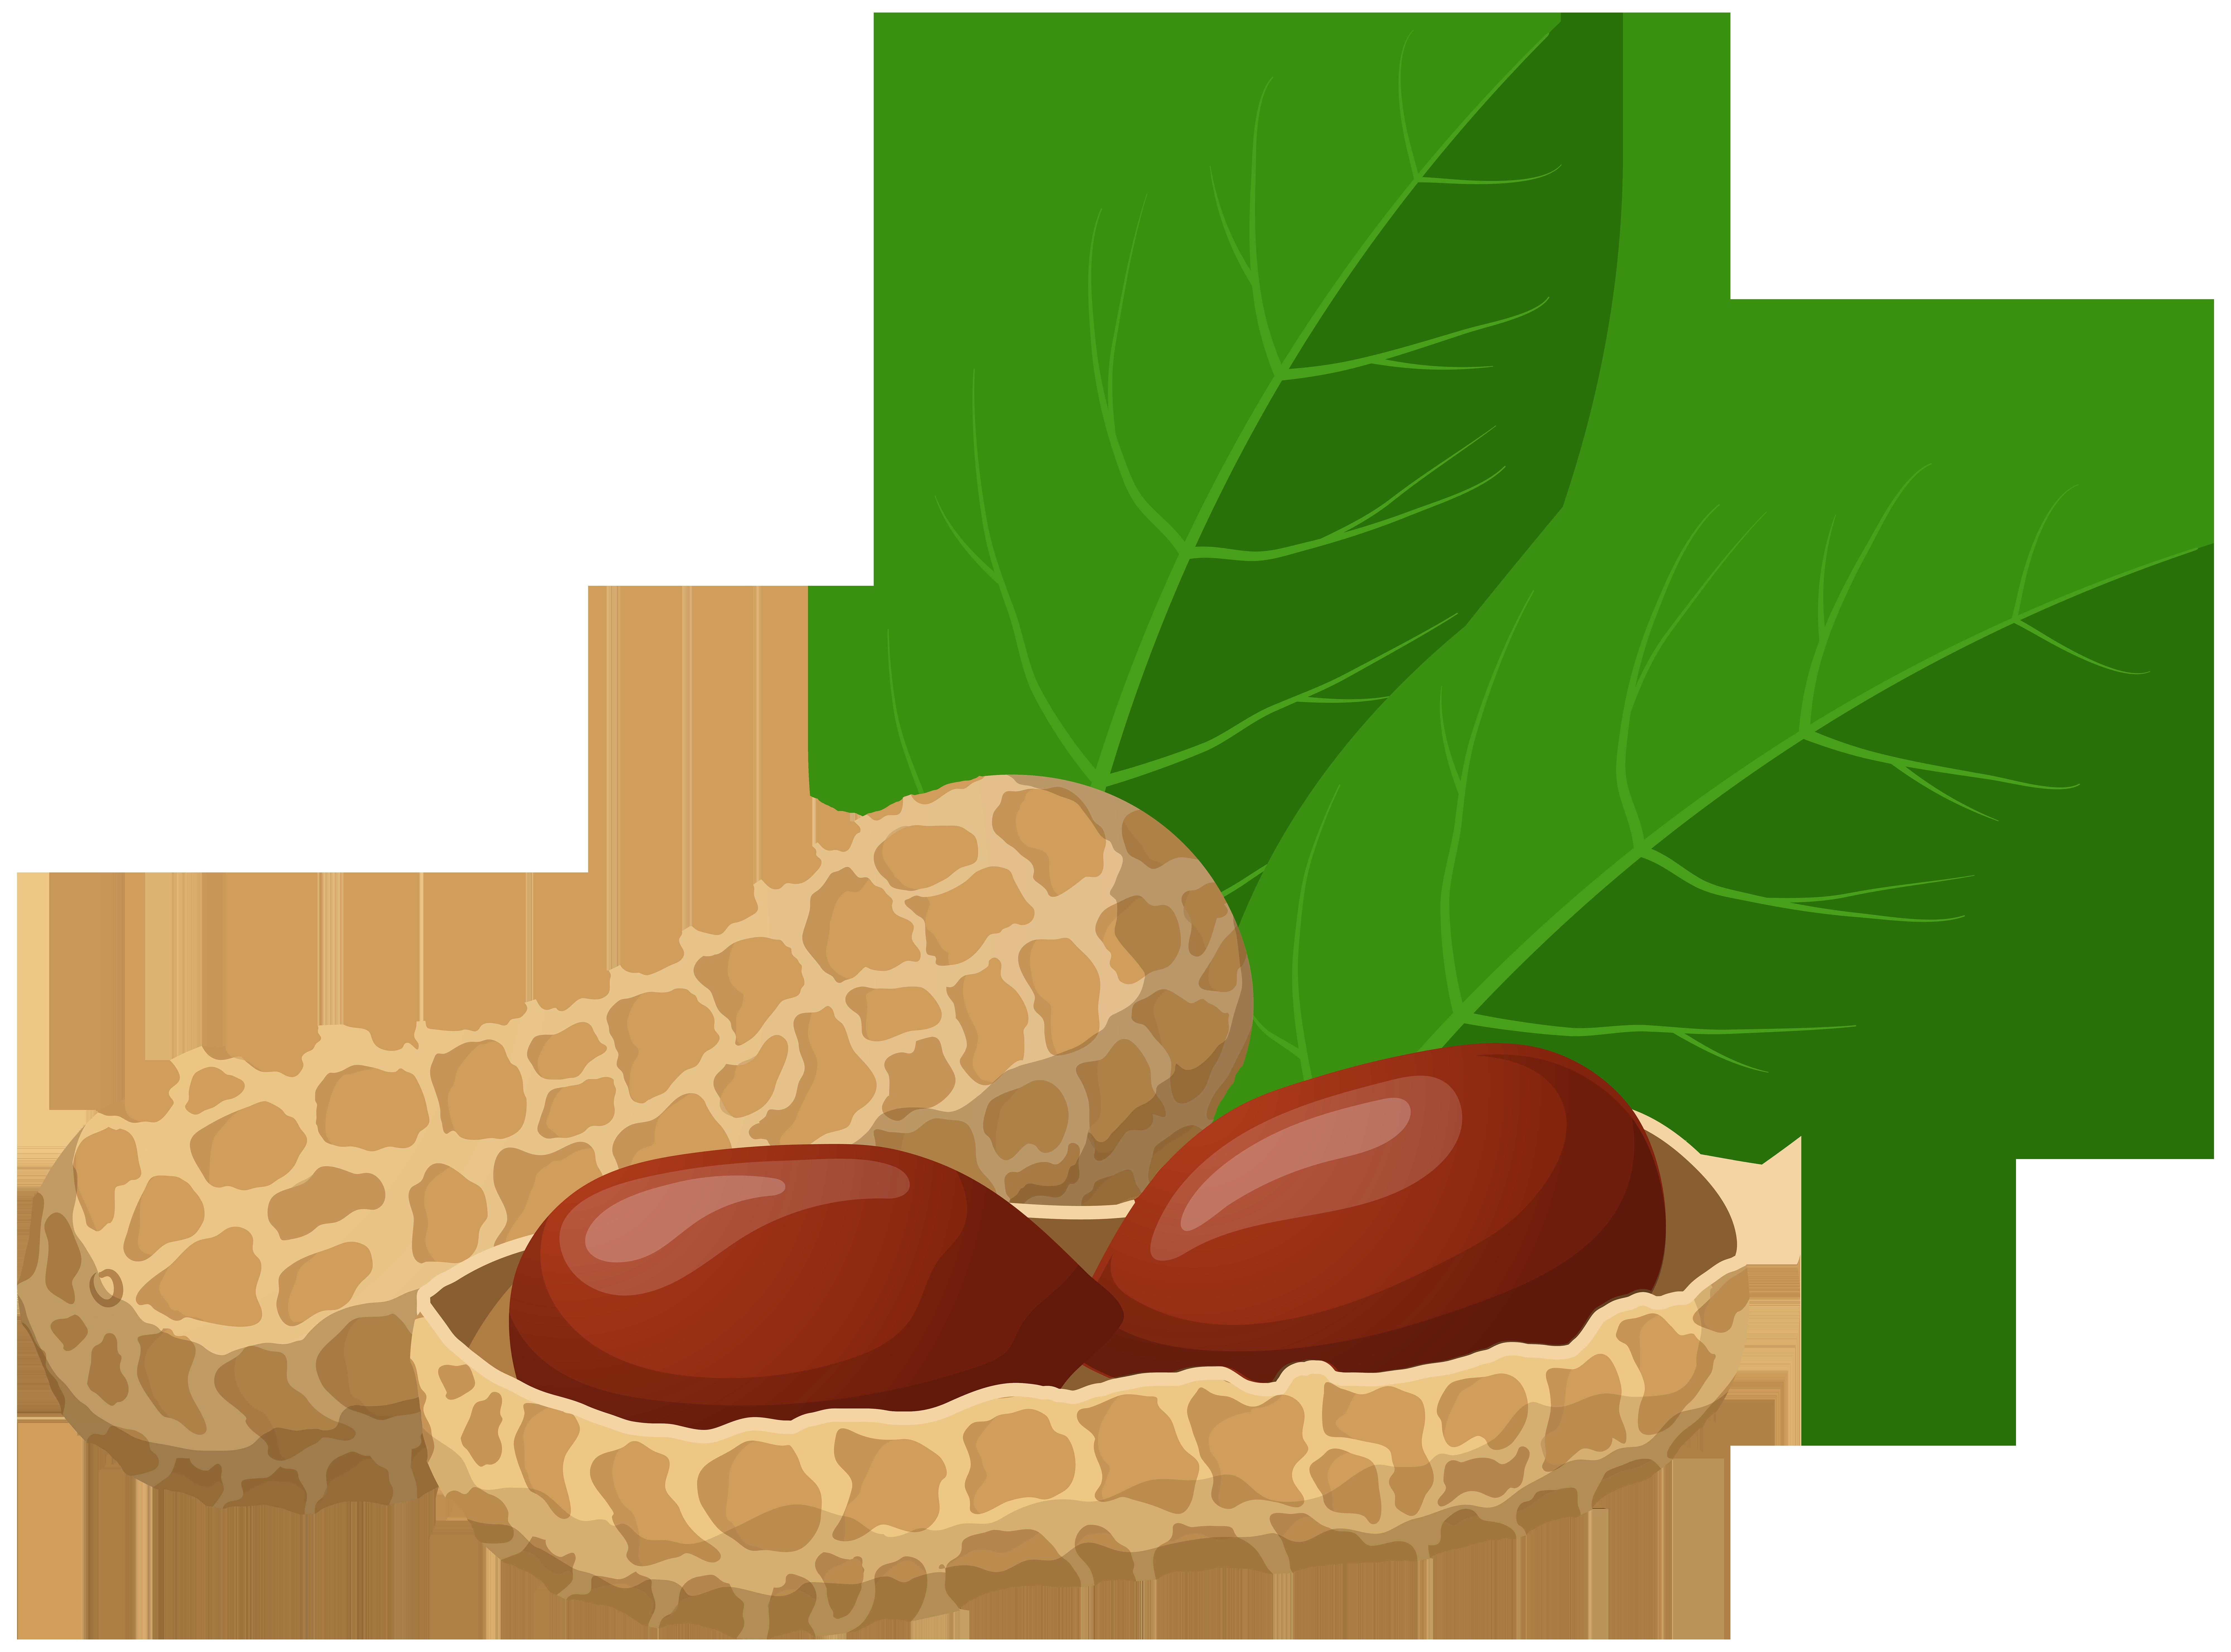 Peanuts png clip art. Clipart food nuts